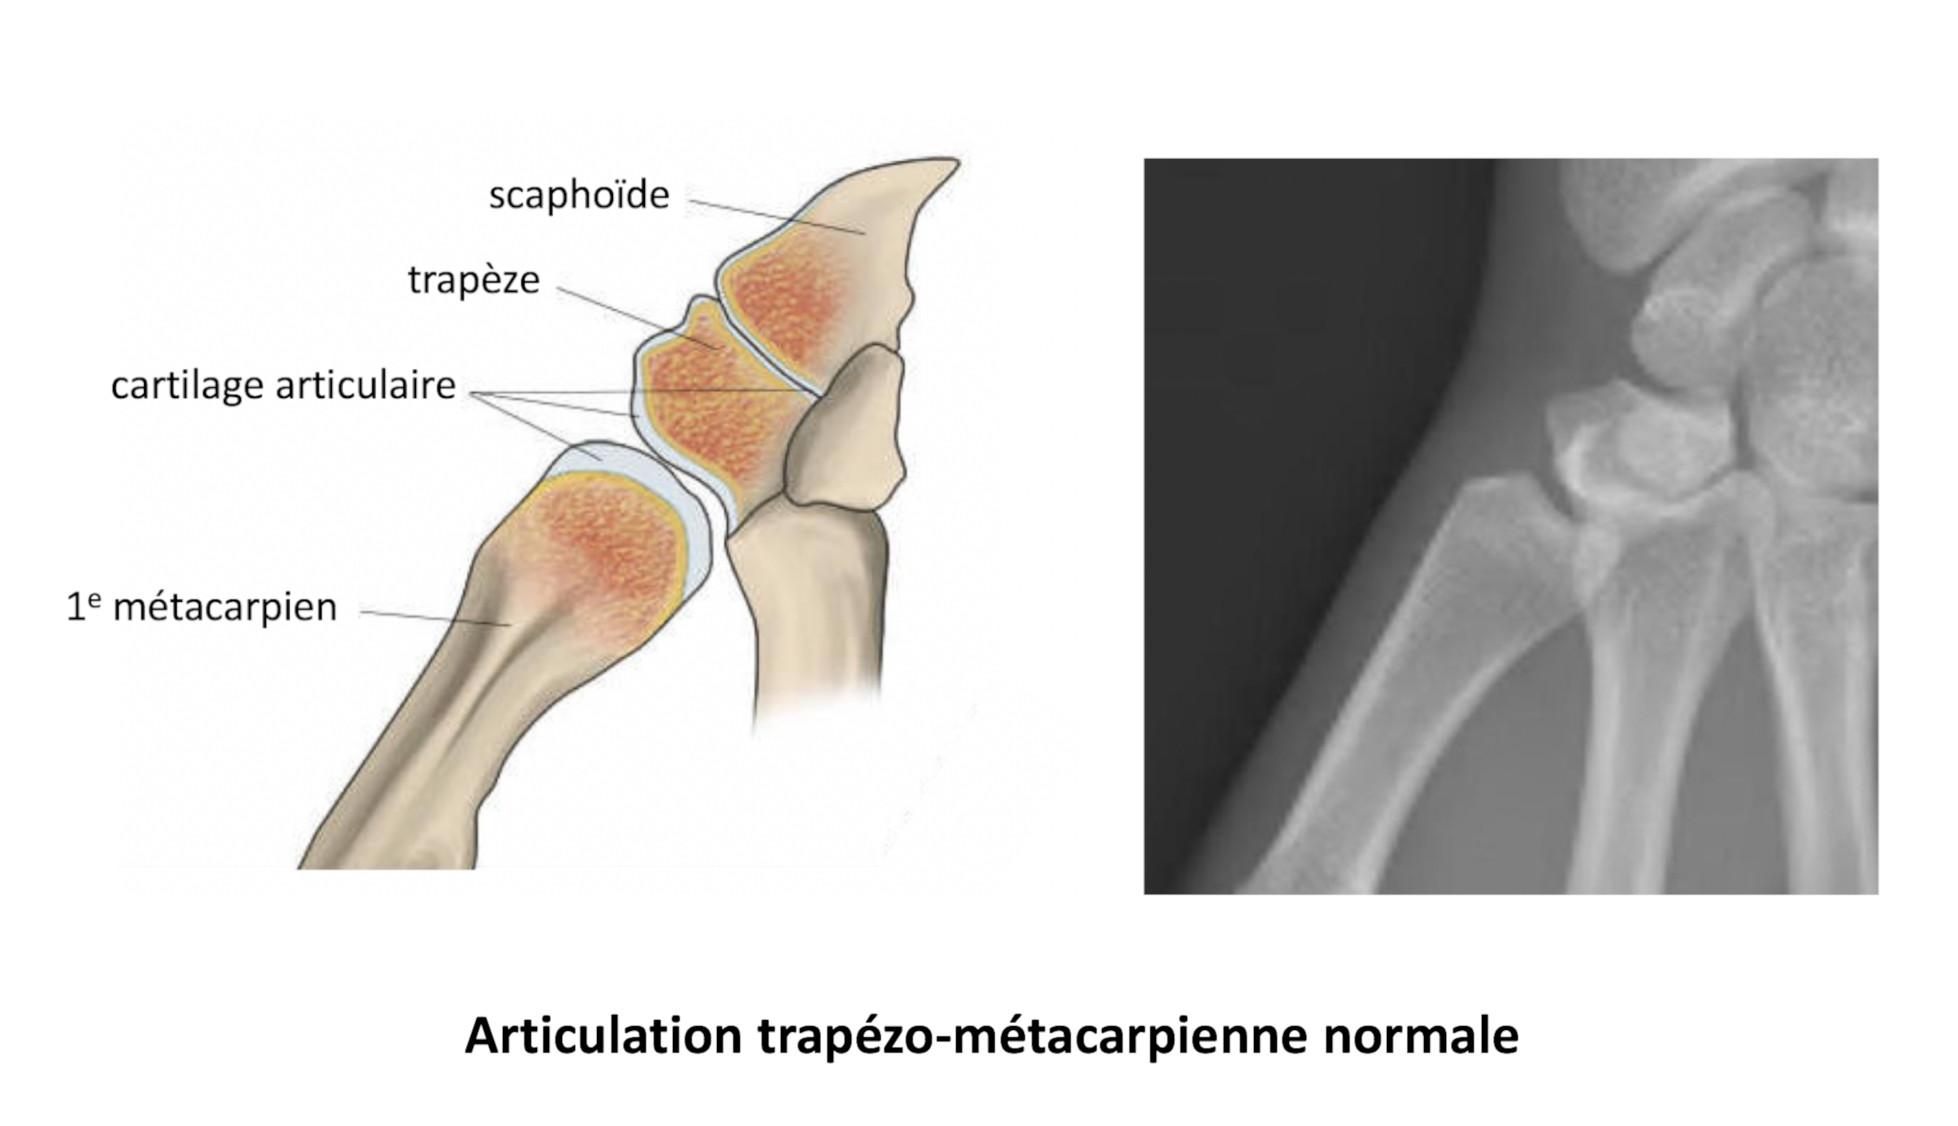 articulation trapézo- métacarpienne normale